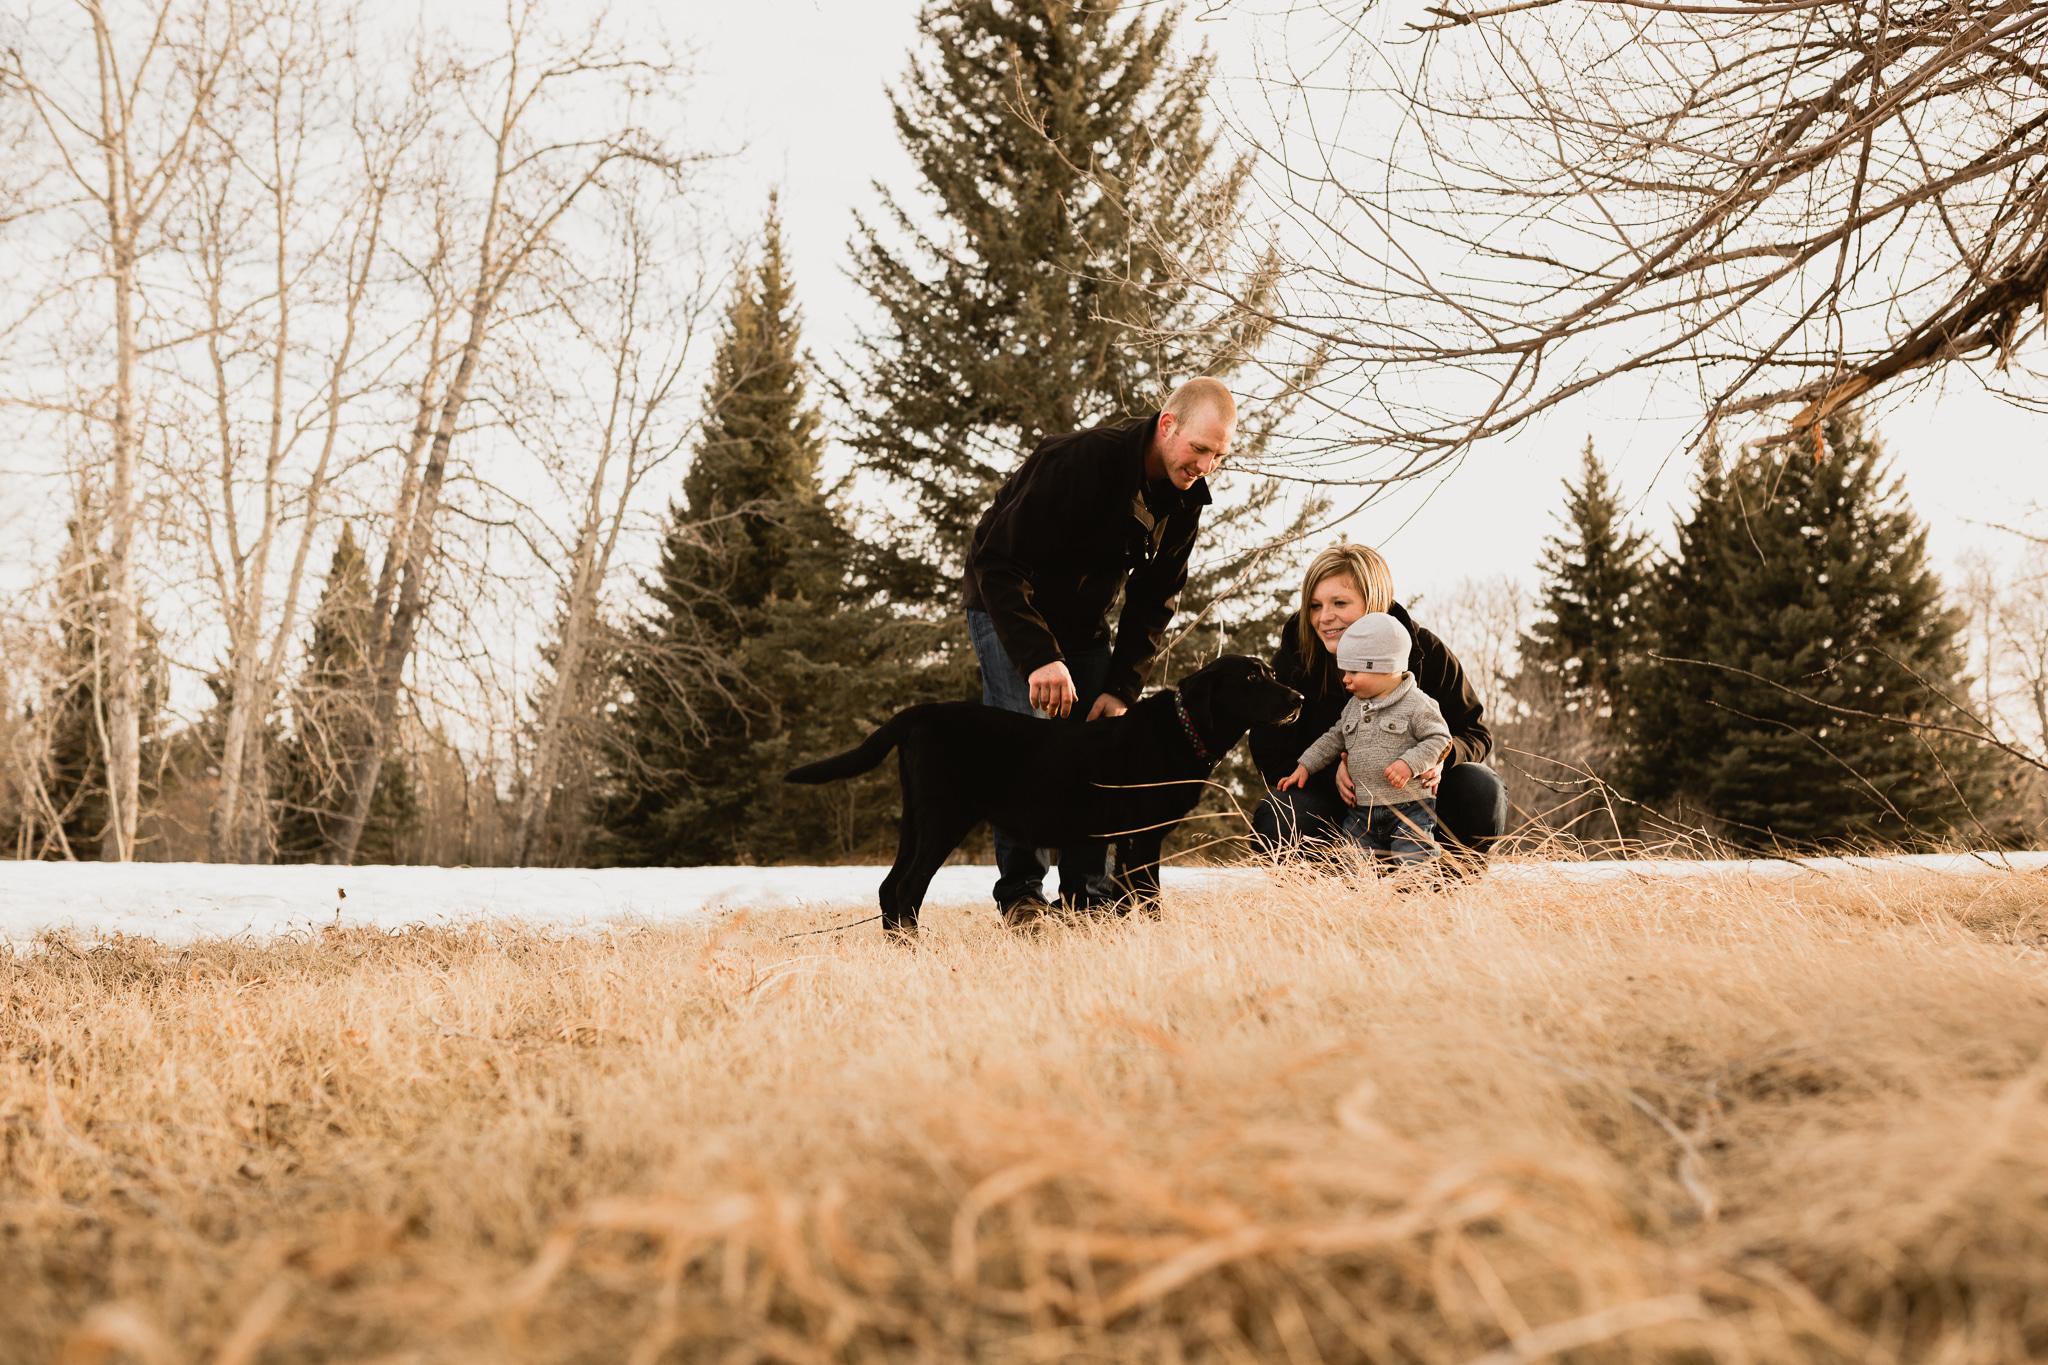 Alina-Joy-Photography-Cold-Lake-Lifestyle-Photographer-21.jpg